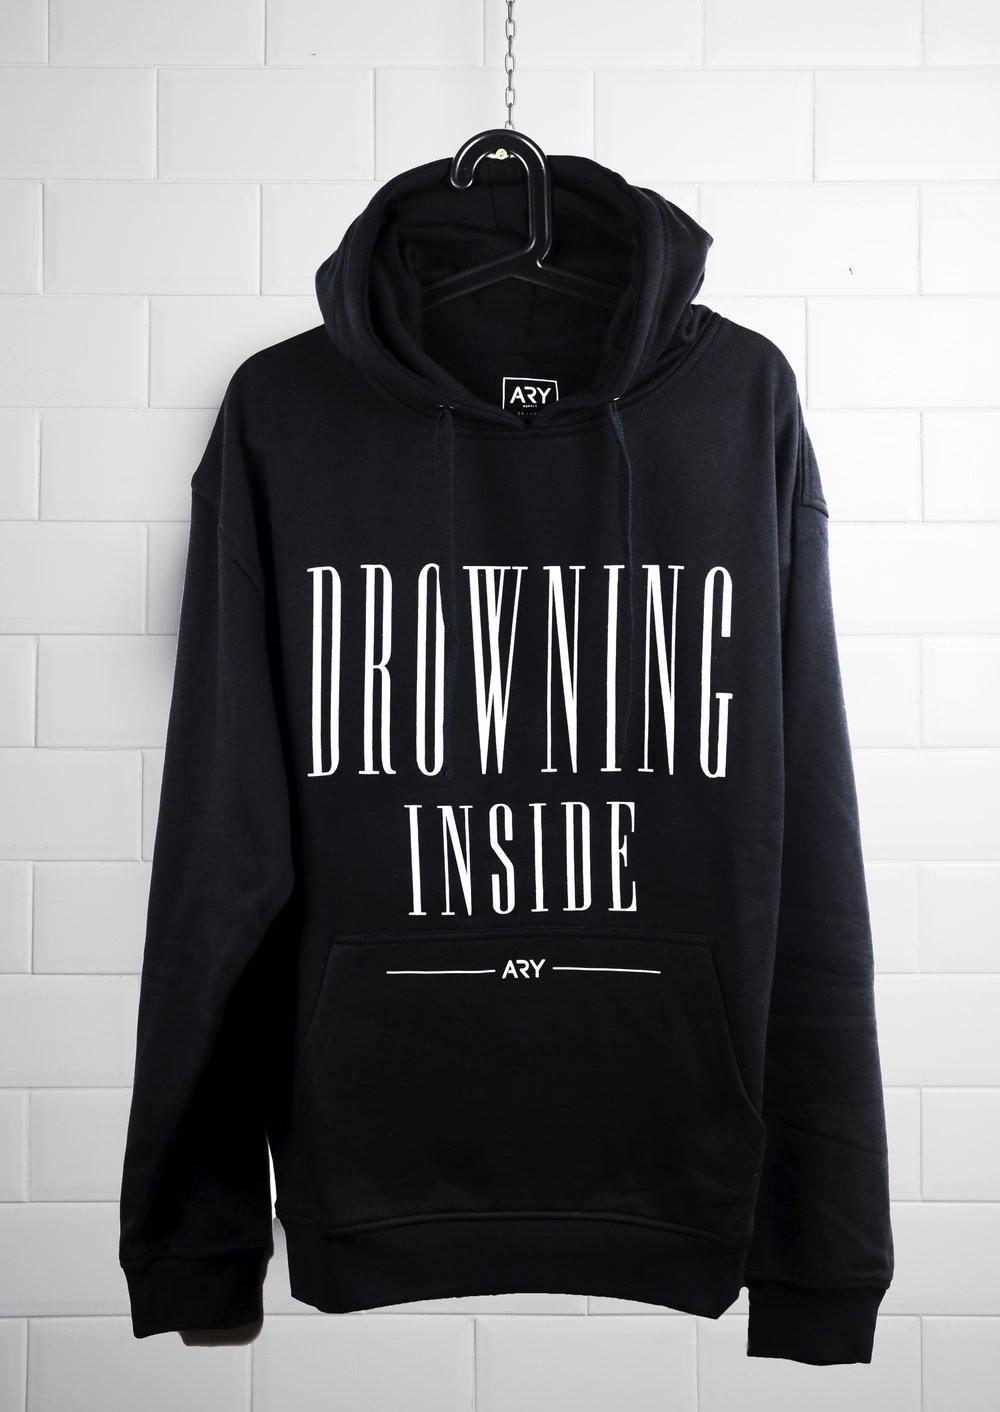 Image of New 'Drowning Inside' Black Hoodie